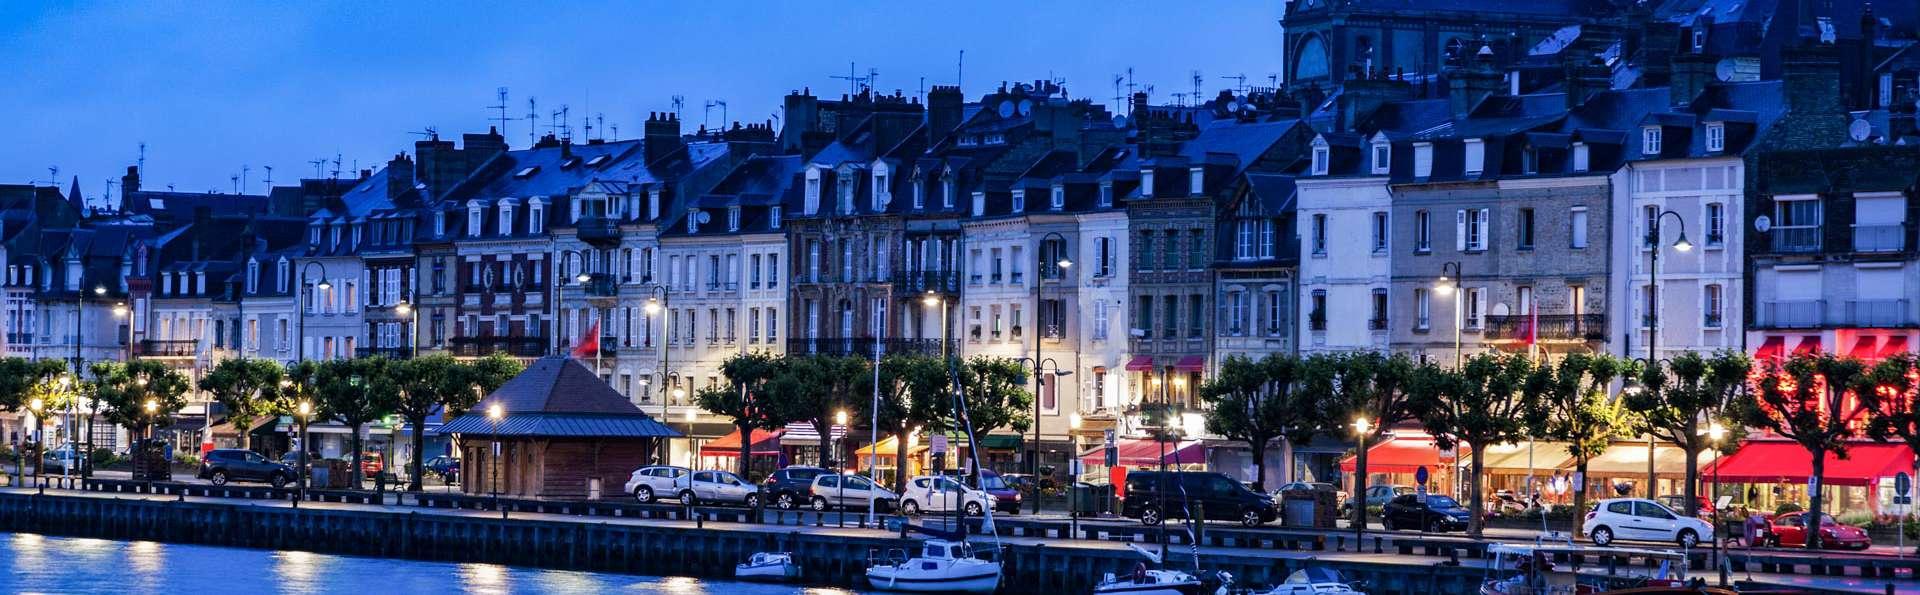 Hôtel  Mercure Trouville sur Mer - EDIT_DESTINATION_01.jpg